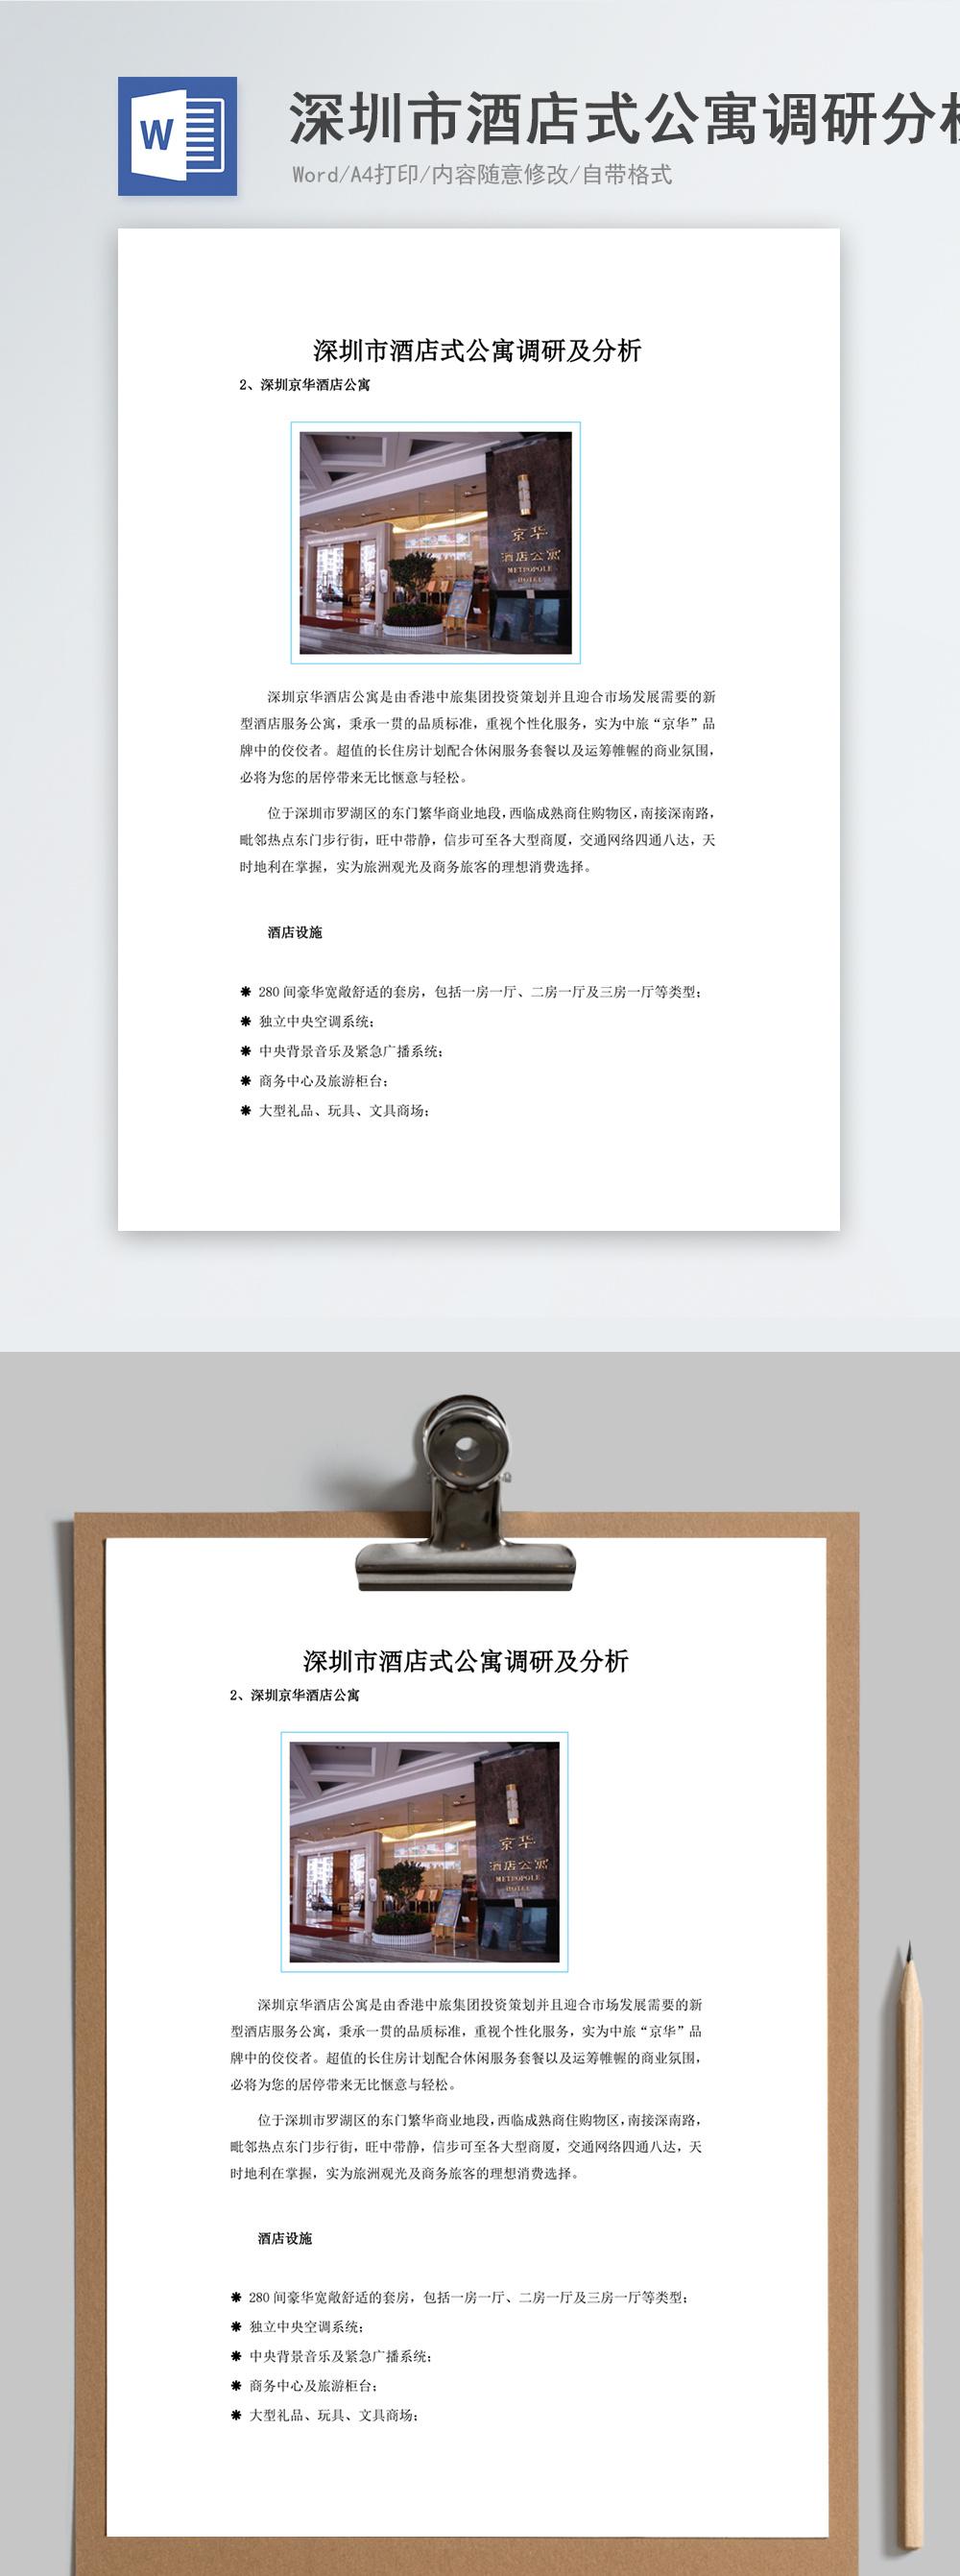 深圳市酒店式公寓调研分析word模板图片